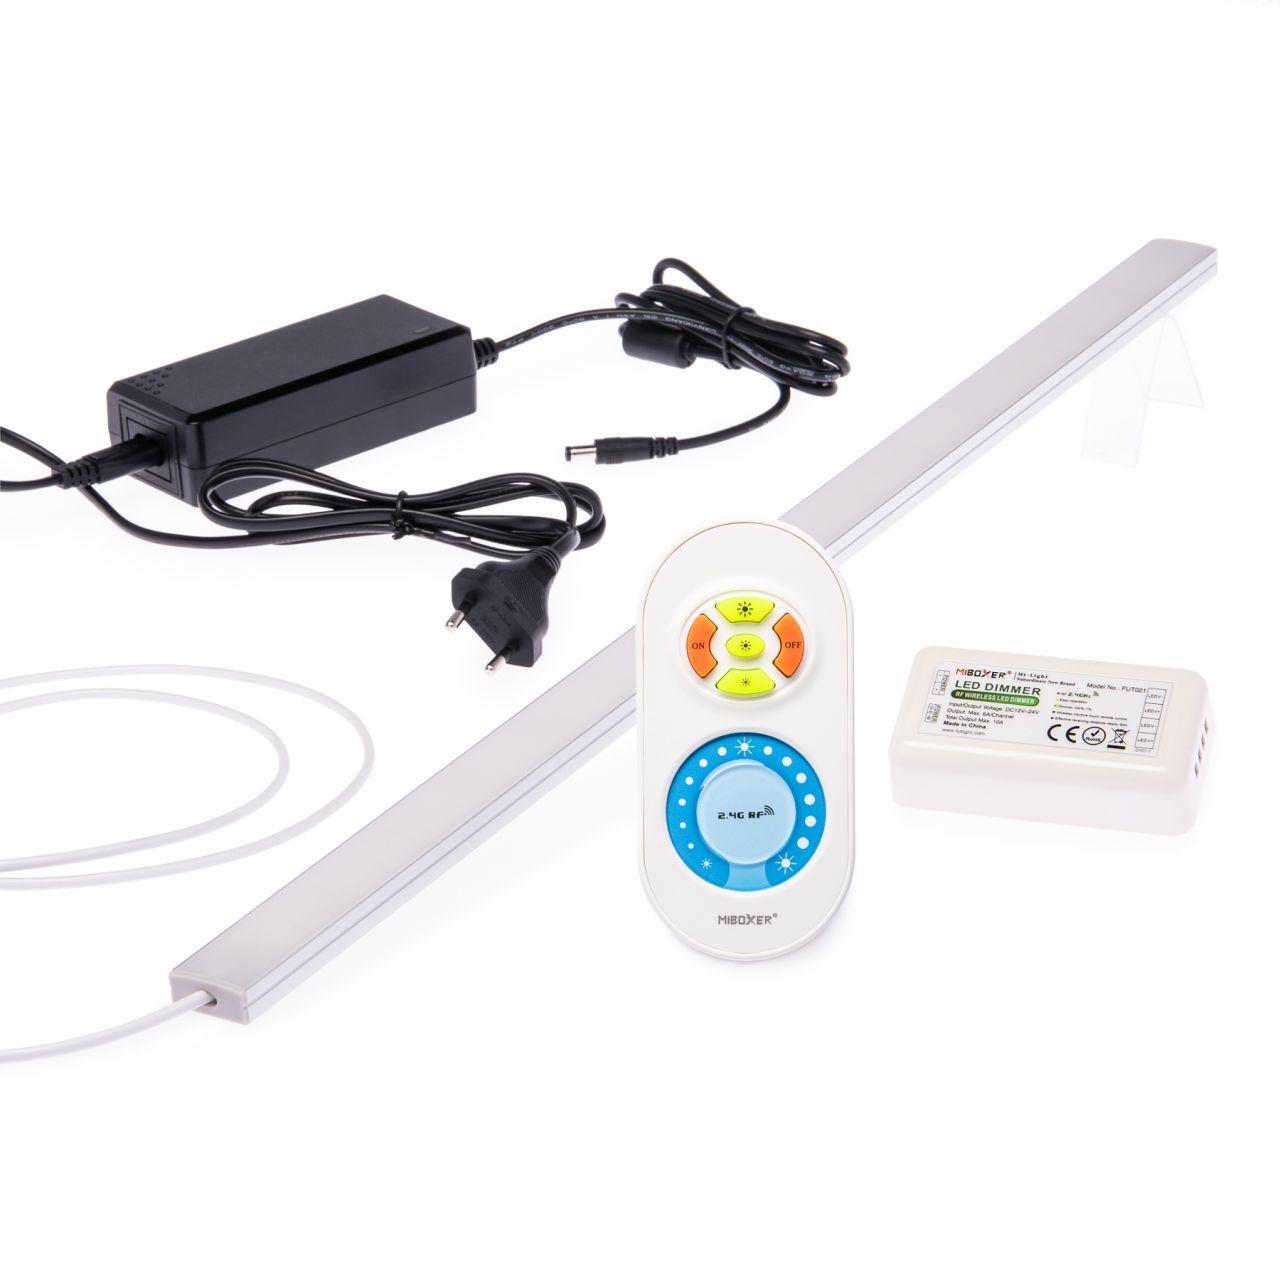 24V High Power LED Leisten Set mit Fernbedienung und Netzteil, 93cm Länge, Lichtfarbe tageslichtweiß